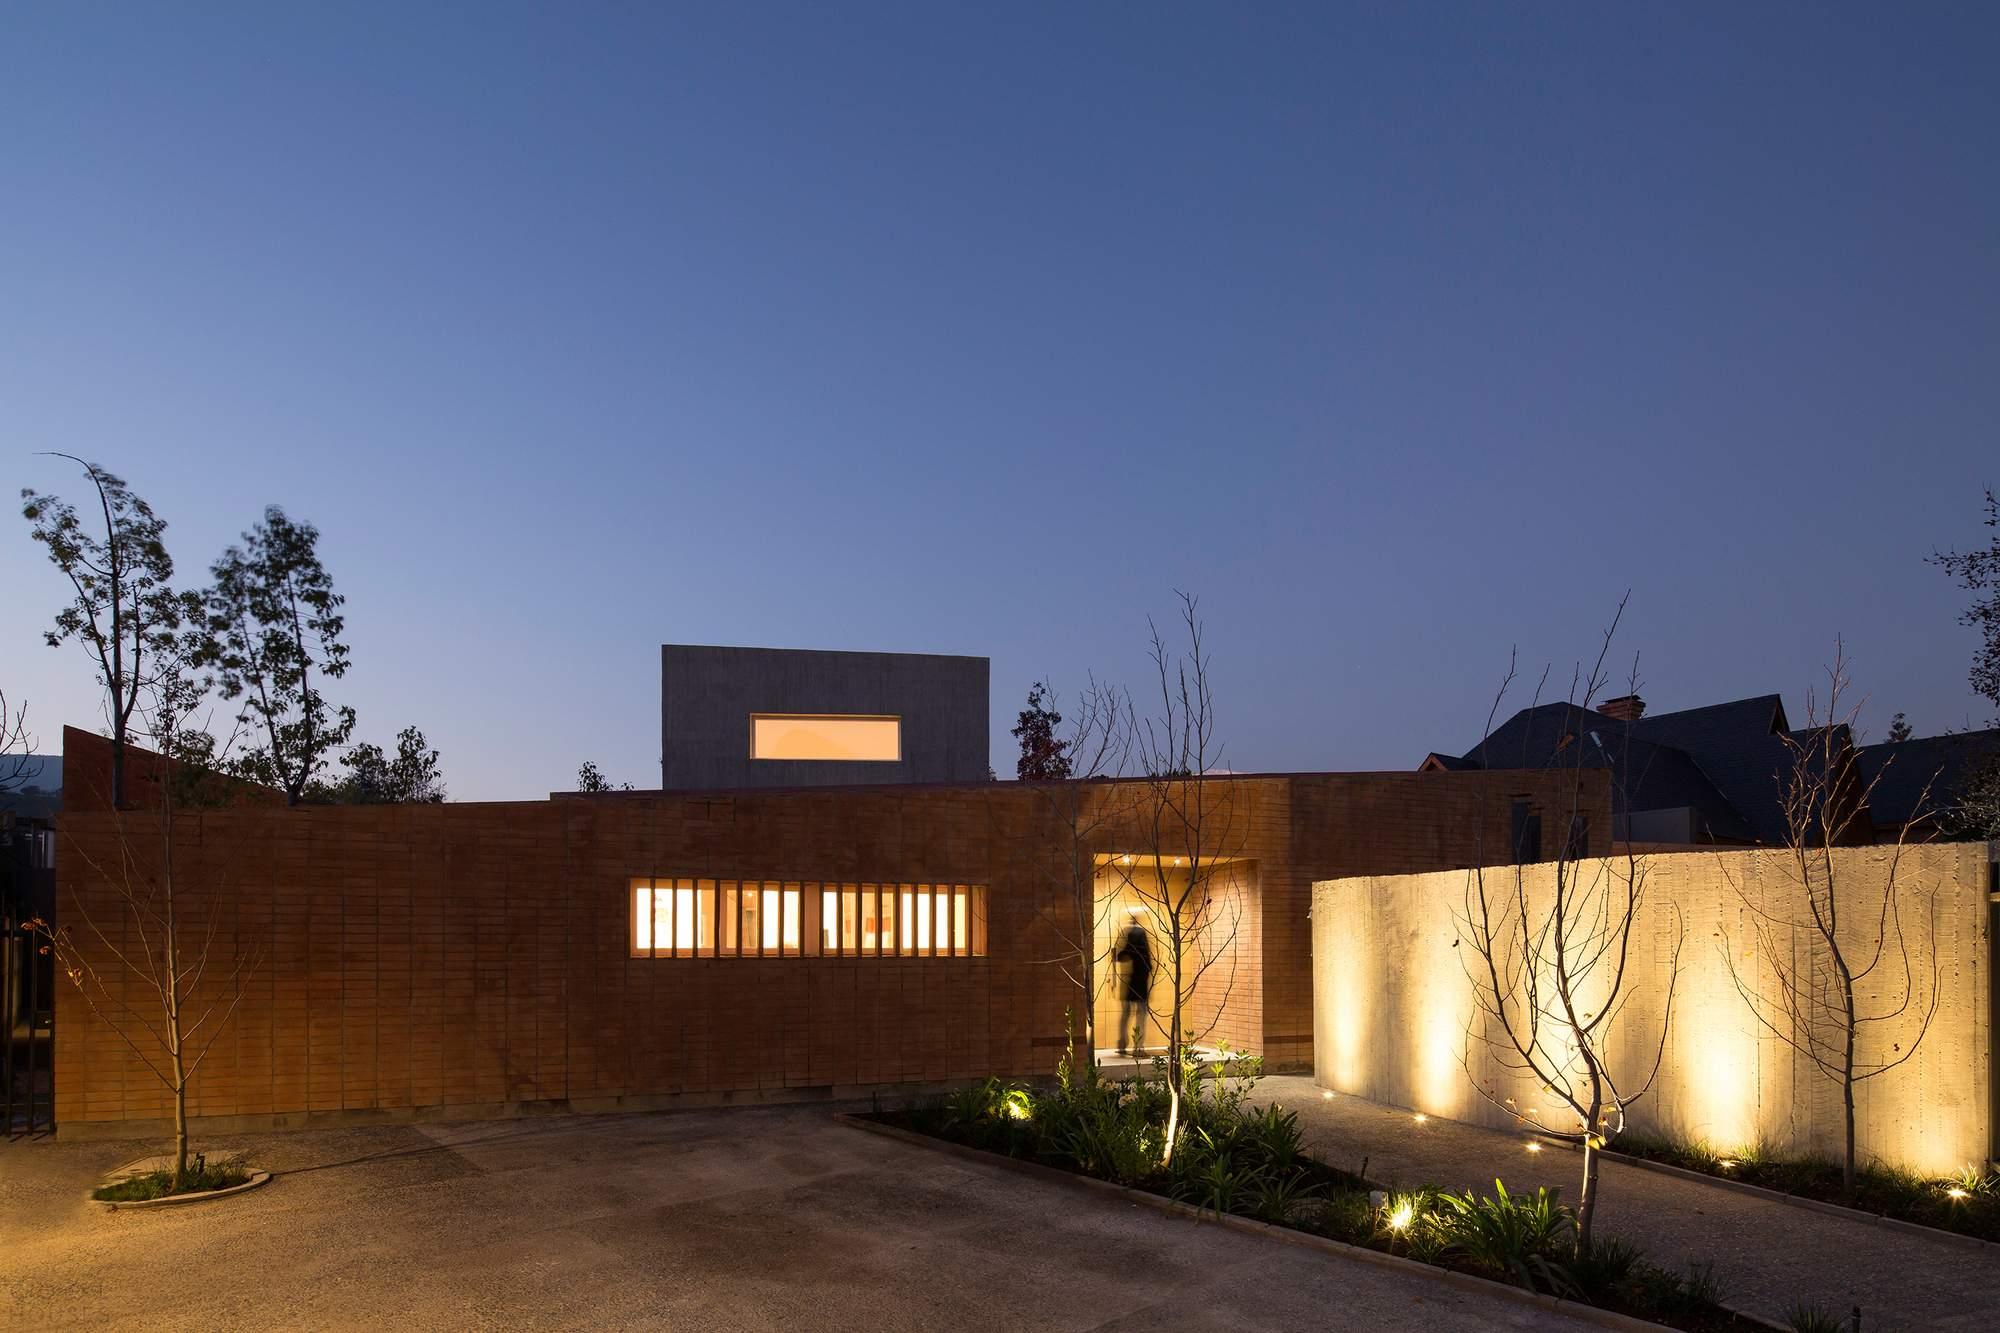 Дом с внутренними двориками, Чили